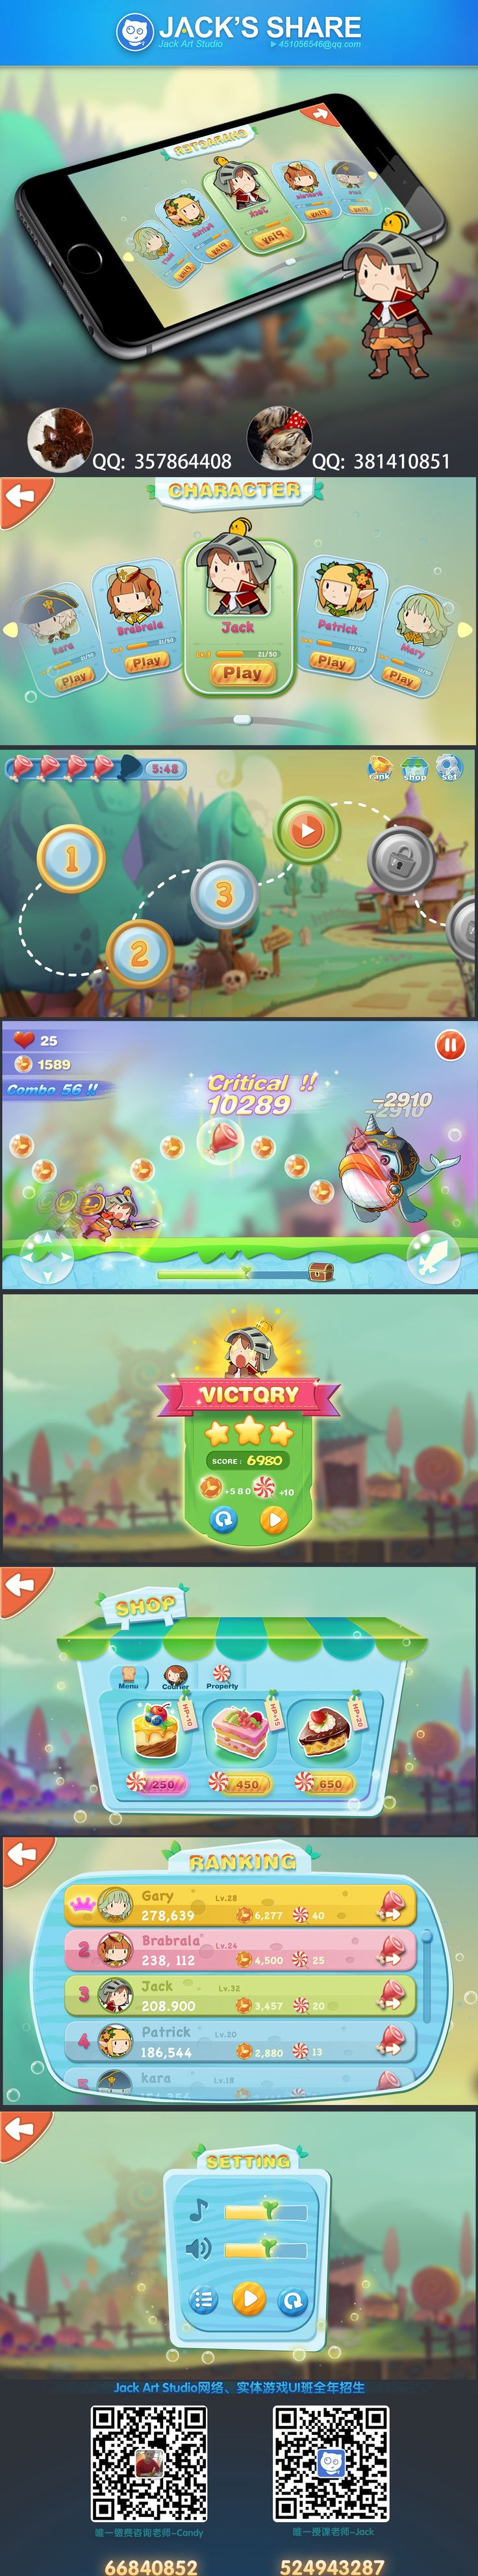 Jack ui-class /game ui/游戏UI/设计/图标/界面交互/游戏设计/平面/手游/资源/App/icon/logo/GUI/UE//UI控件/ui资源/游戏教程/徽章/游戏按钮/ui/教程 微博:http://weibo.com/u/2796854547   优酷:http://i.youku.com/Deviljack99  素材 花瓣:http://huaban.com/dj451056546/